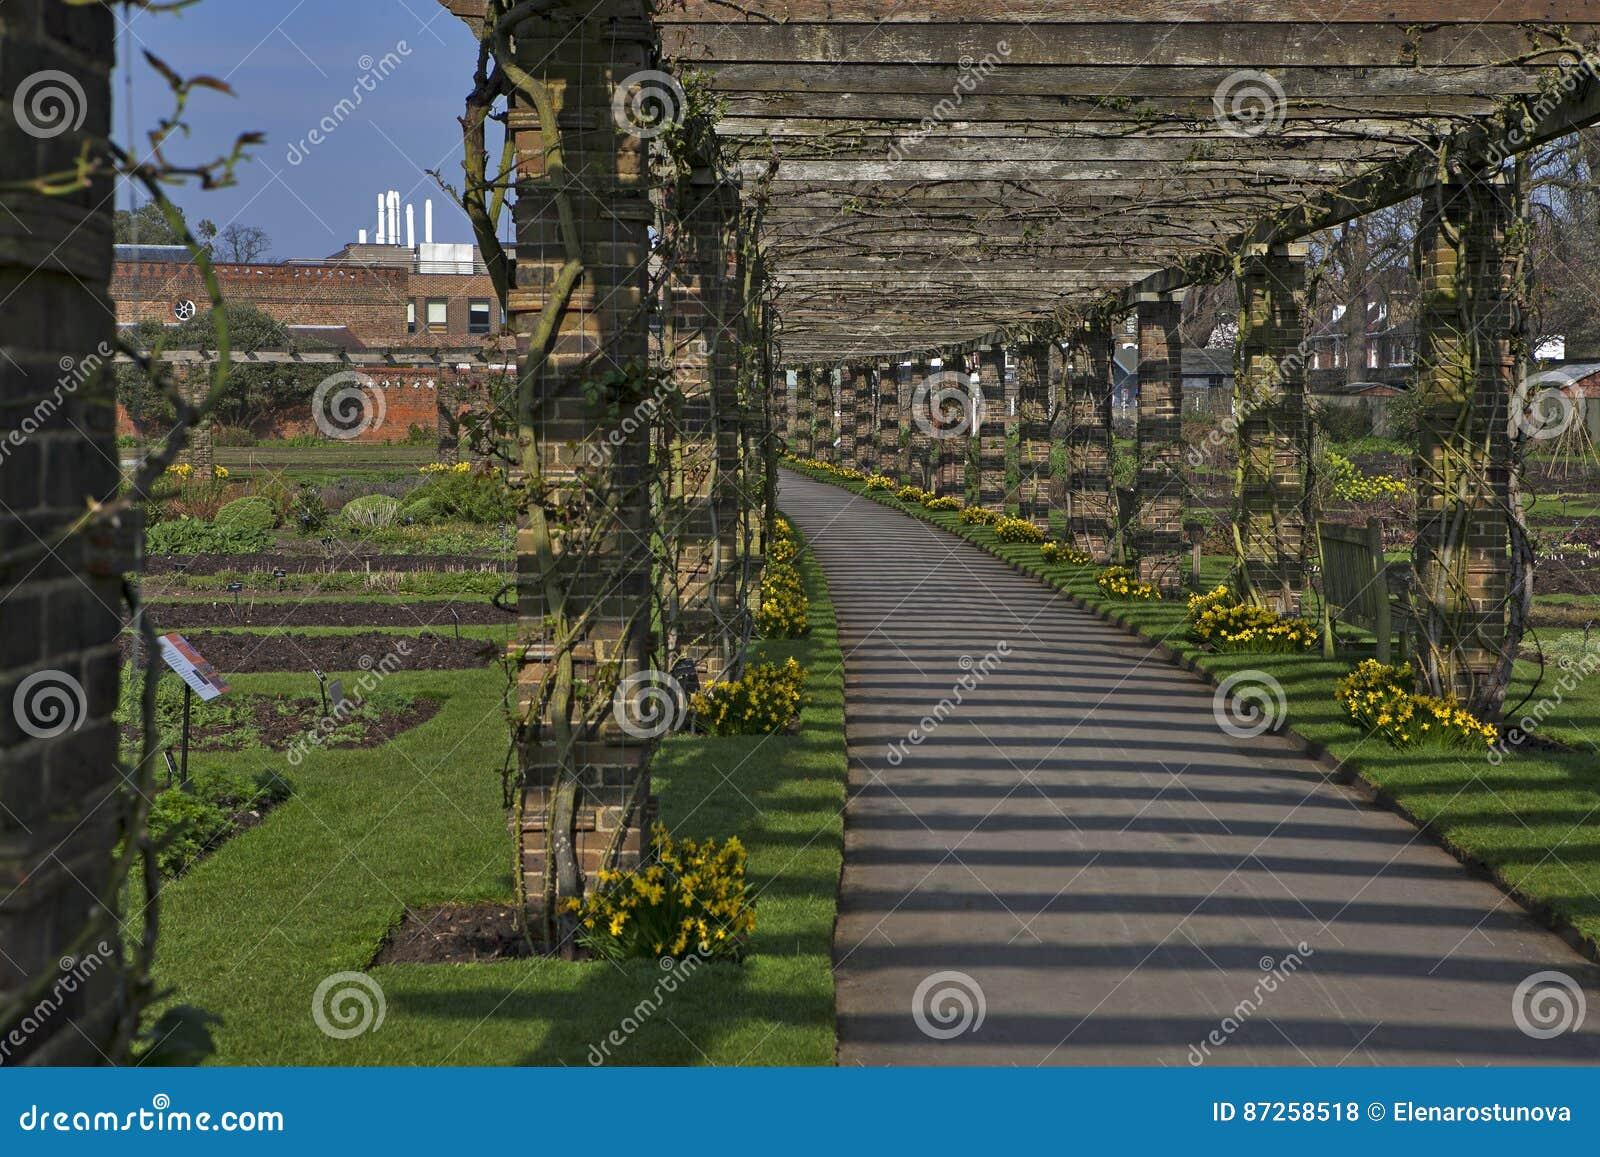 The LABURNUM ARCH IN THE QUEENS GARDEN AT KEW GARDENS SURREY ENGLAND ...